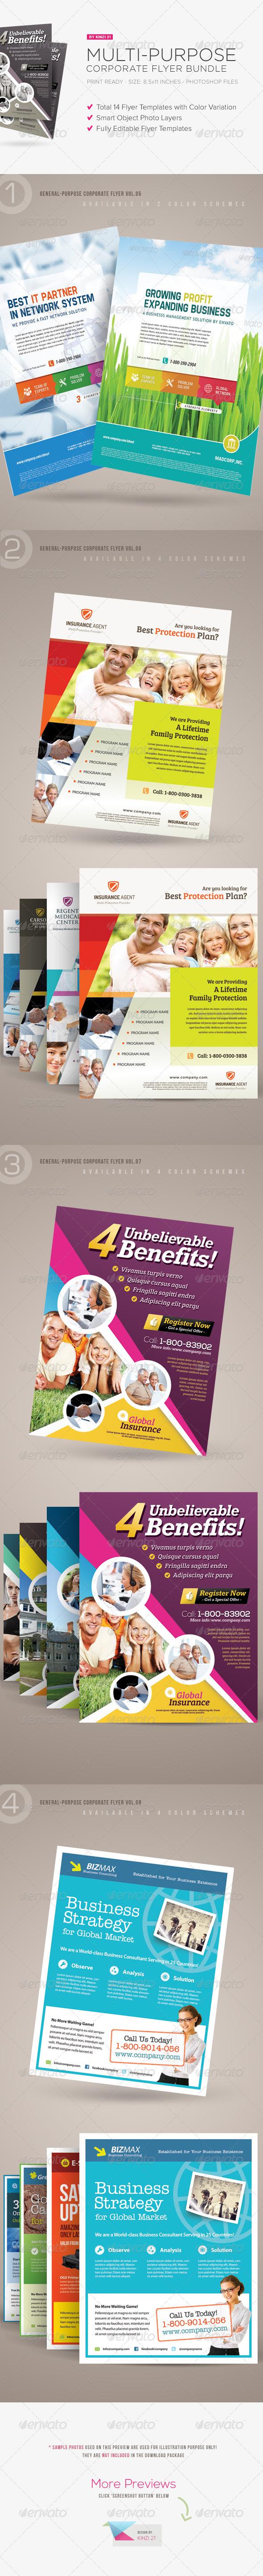 GraphicRiver Multi-purpose Corporate Flyer Bundle 6660615